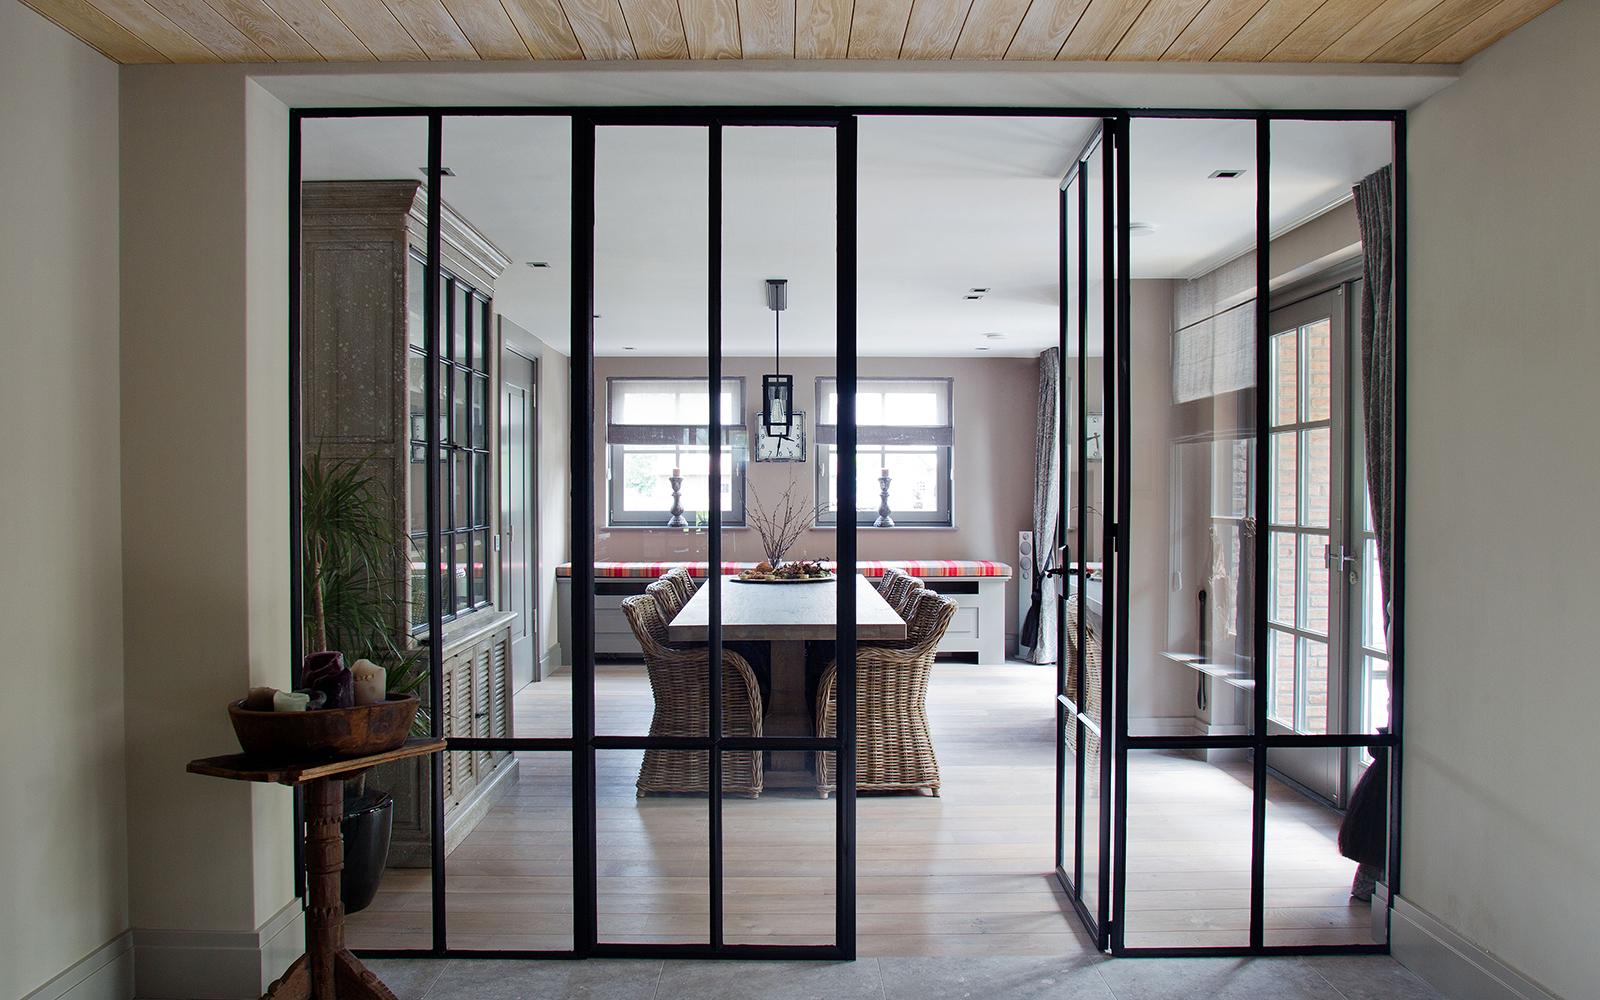 landelijk interieur in het woonhuis interieur landelijke stijl